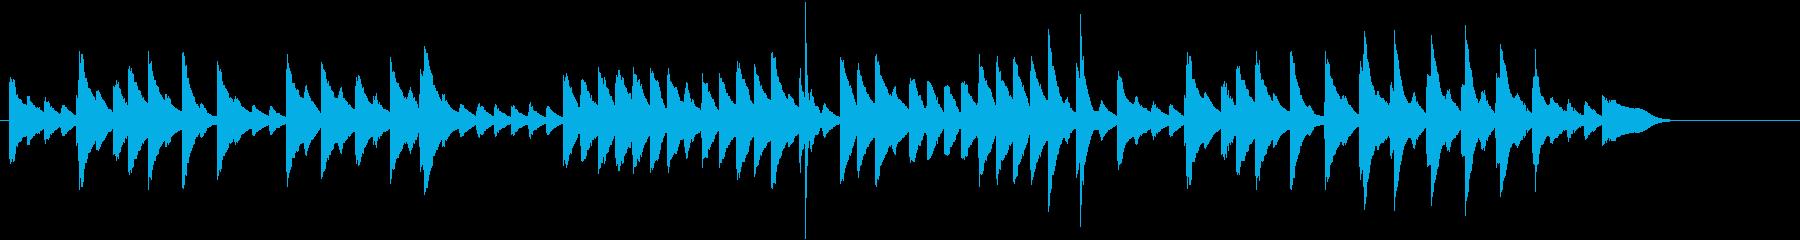 童謡・お正月モチーフのピアノジングルDの再生済みの波形